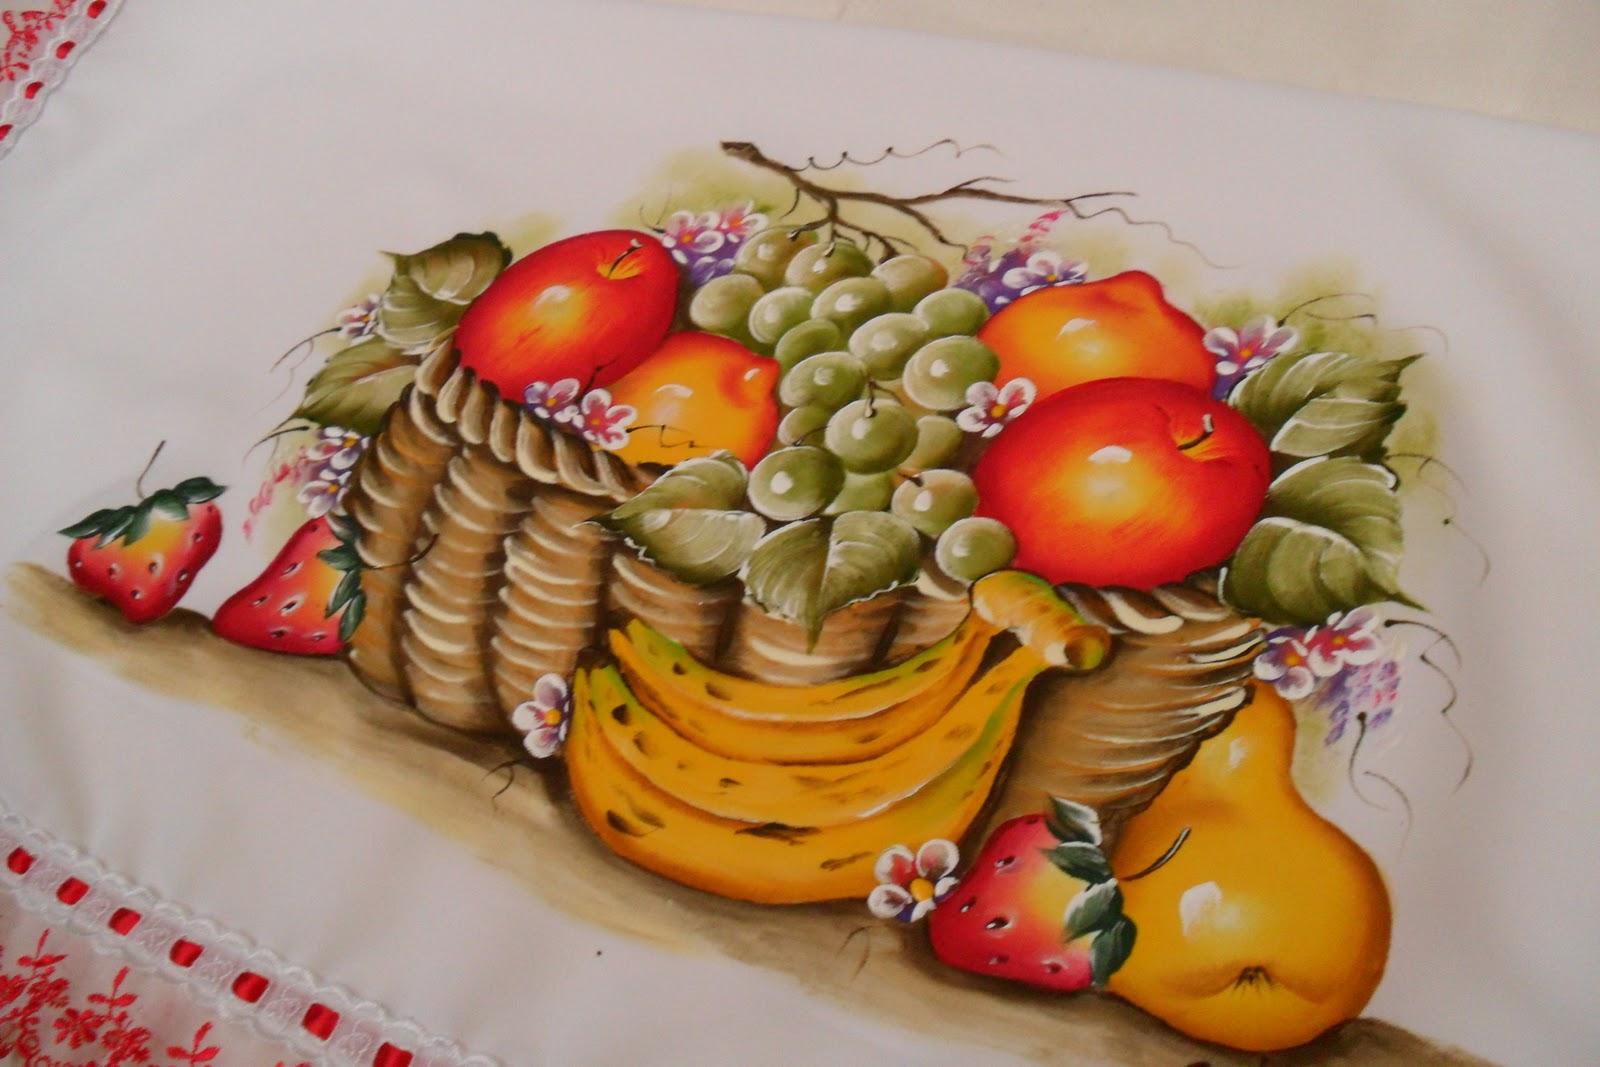 solange pinturas e artes: PINTURA EM TECIDO-CESTA DE FRUTAS